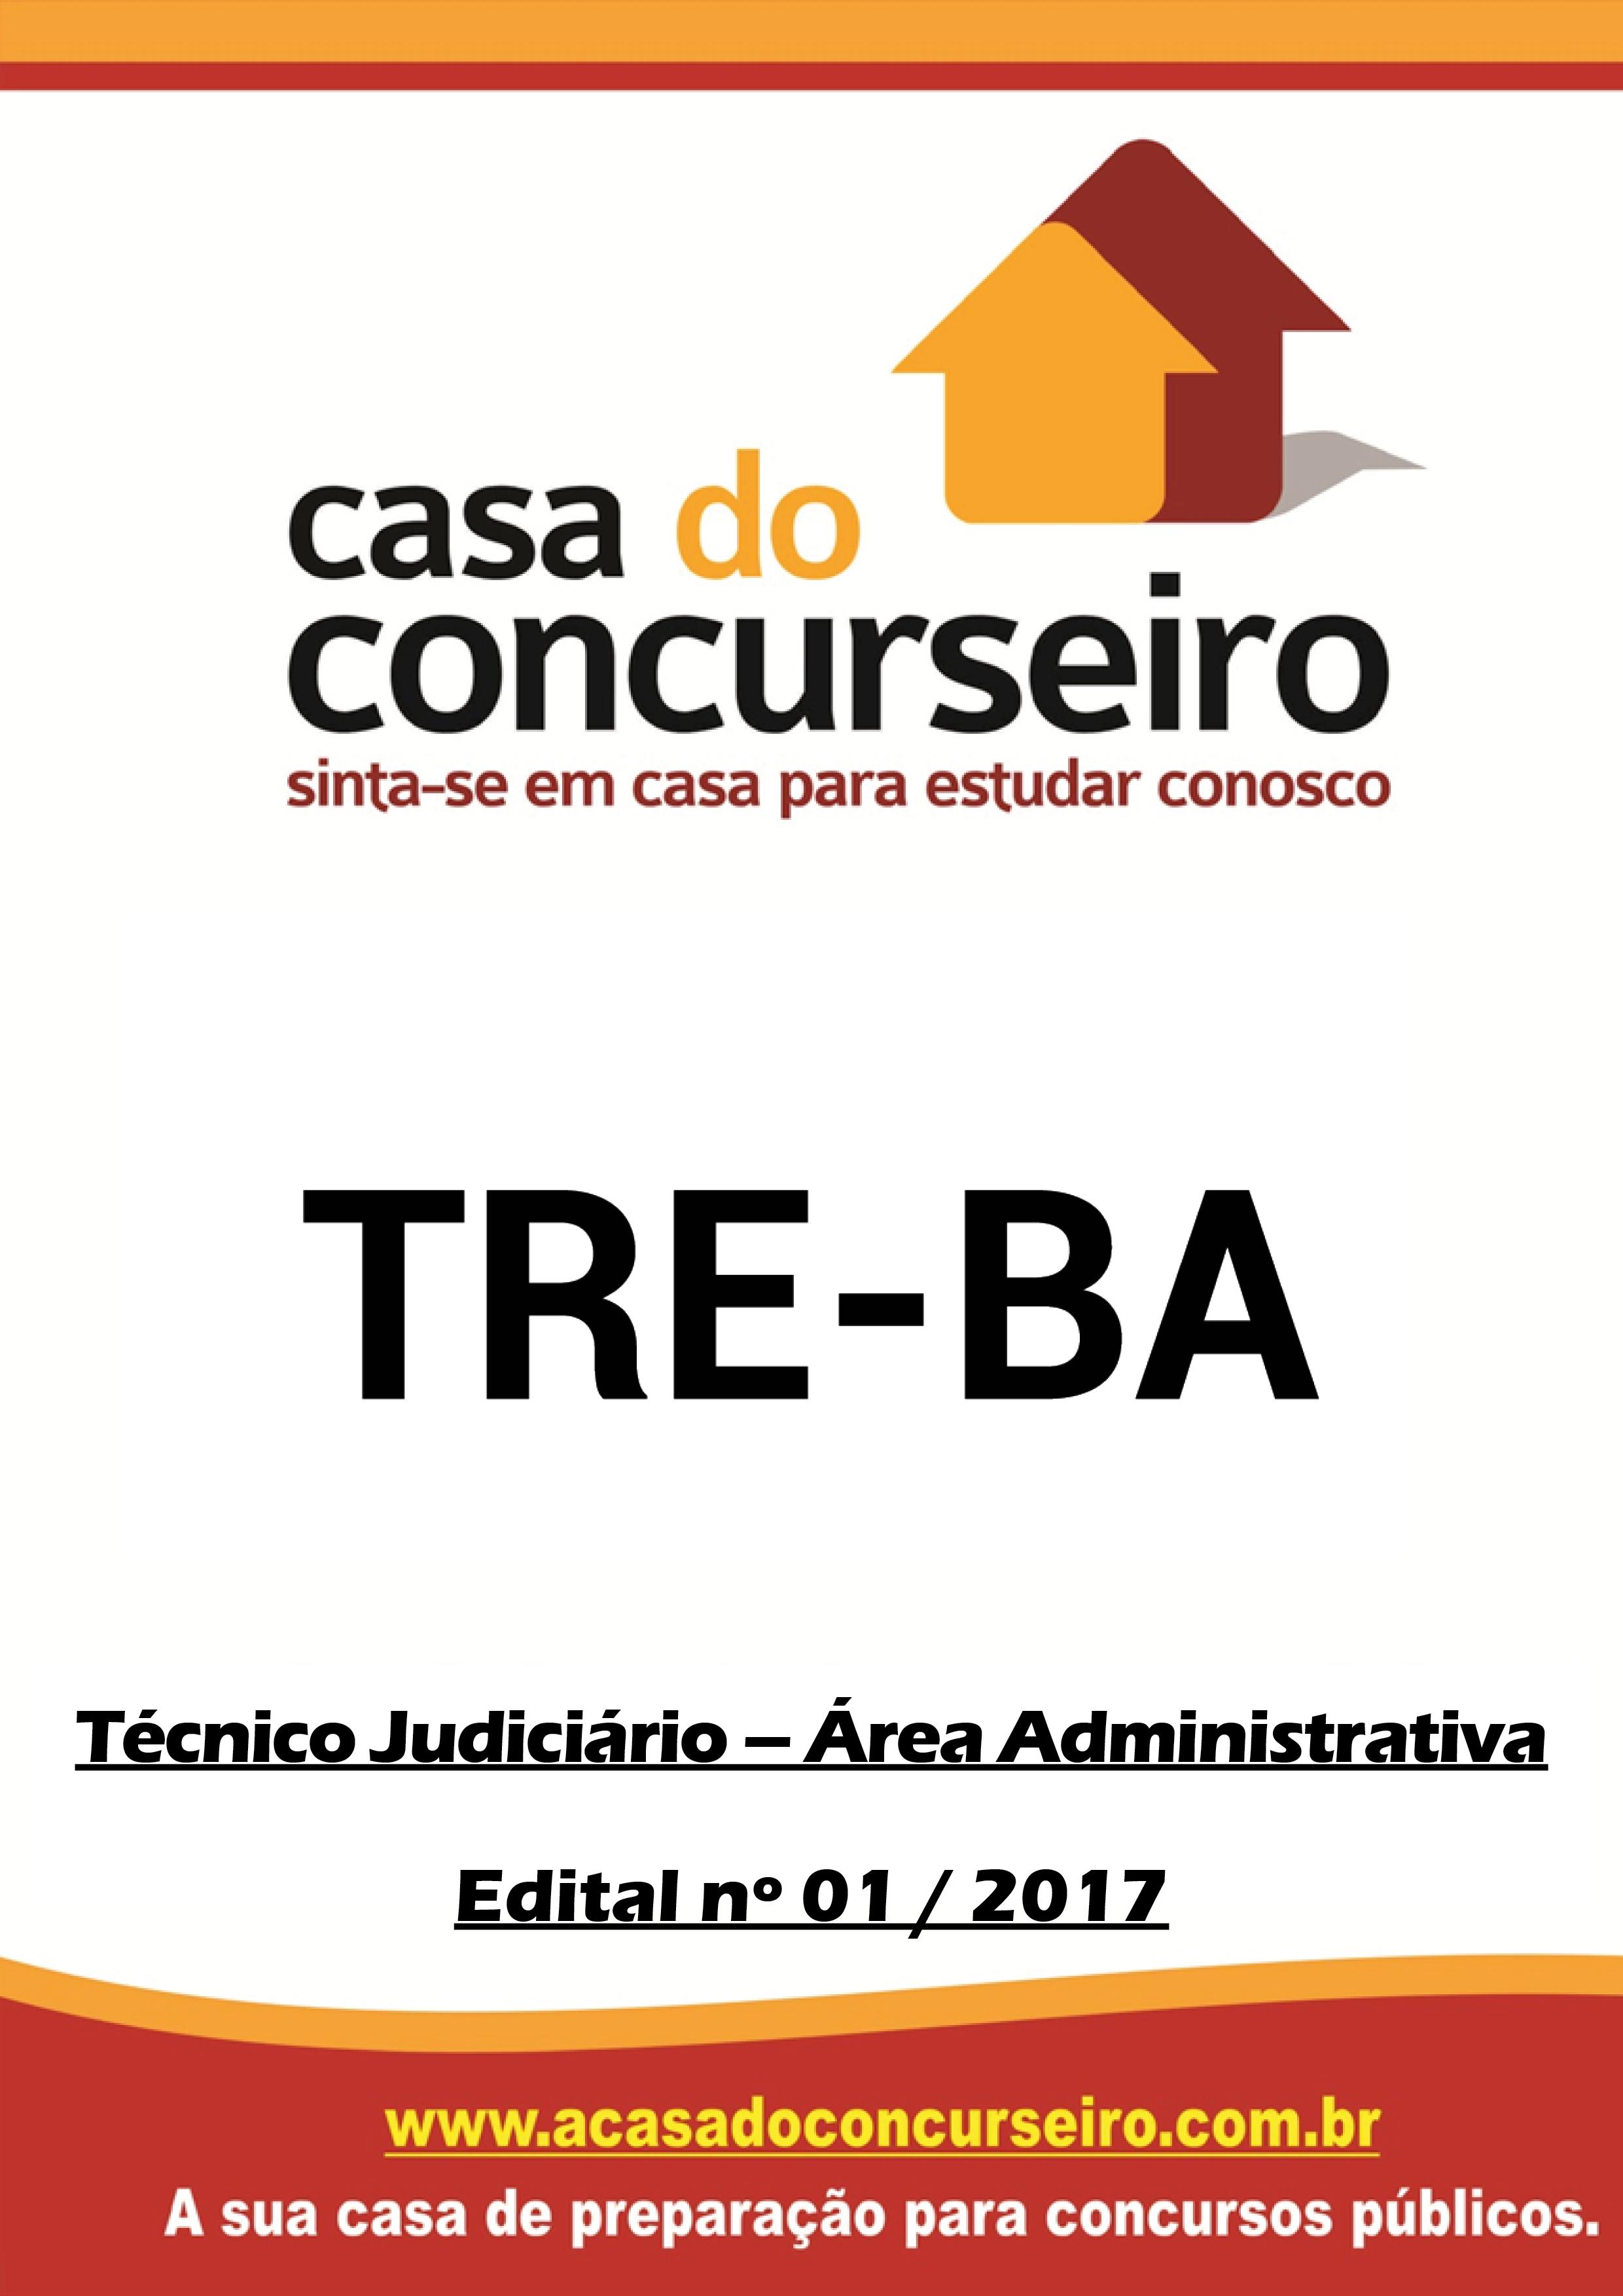 Apostila preparatória para concurso TRE-BA - Técnico Judiciário - Área Administrativa Tribunal Regional Eleitoral da Bahia